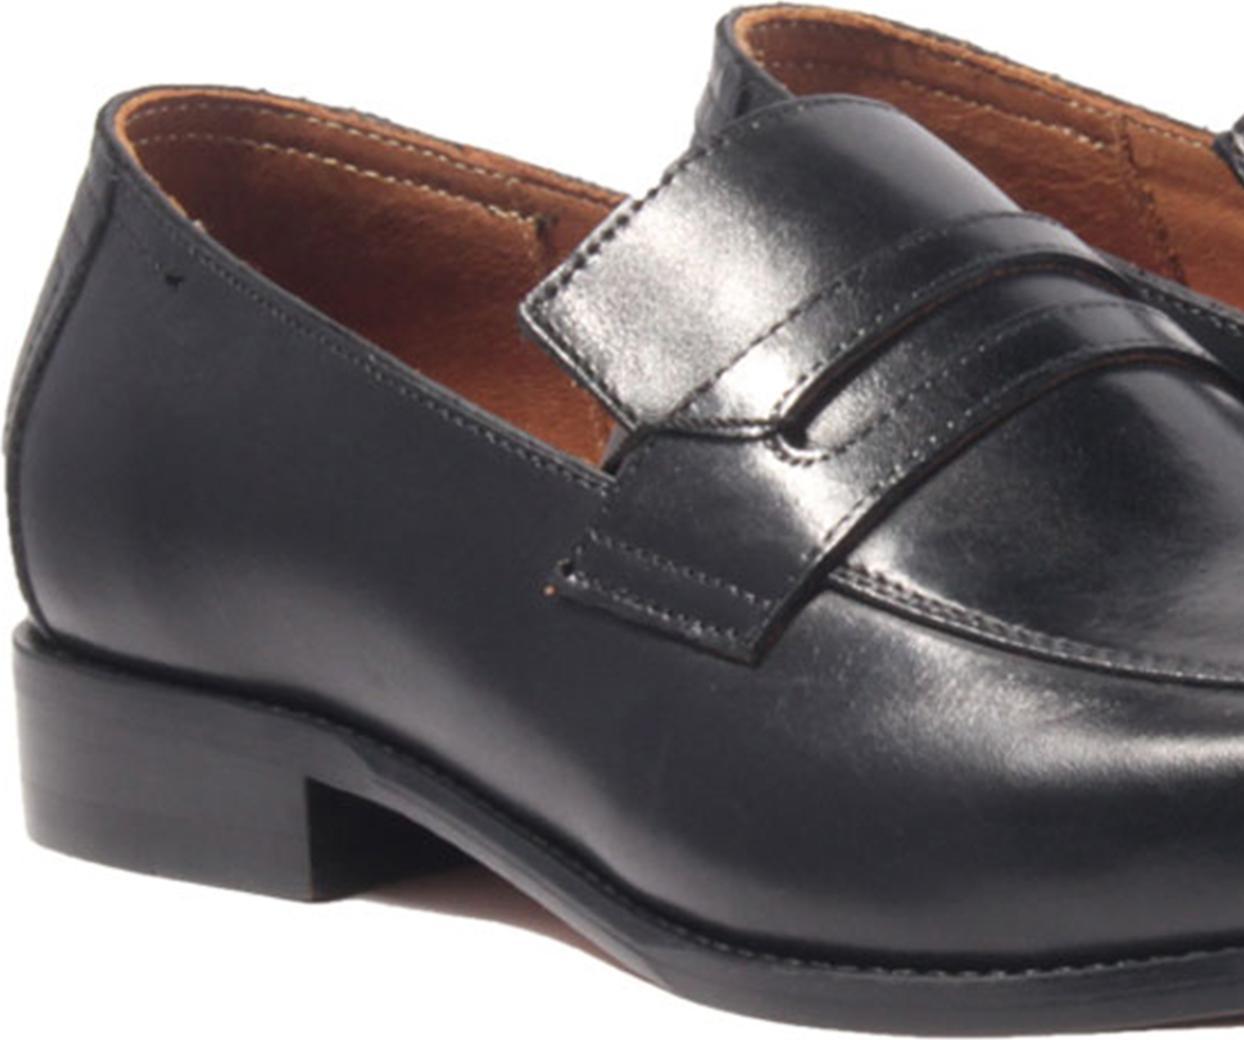 Giày lười, phong cách giày tây công sở Penny Loafer H1PL2M0 da bò Ý, chính hãng Banuli